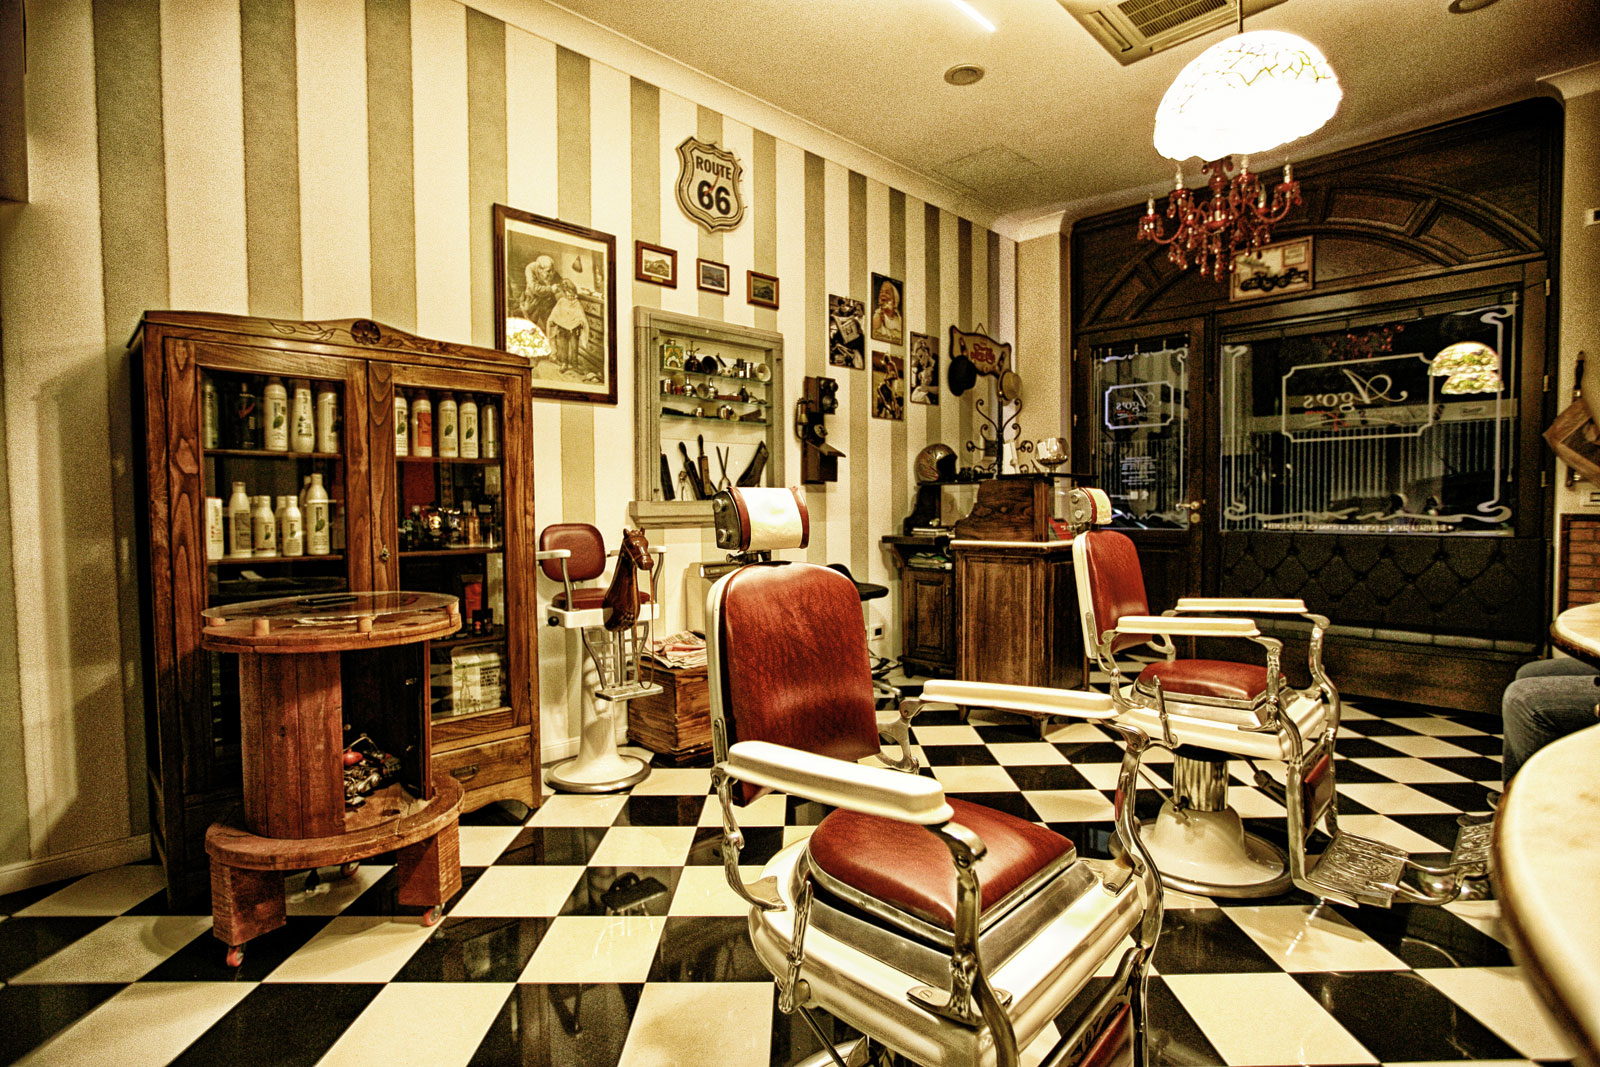 Il barbiere di sicilia - 4 2